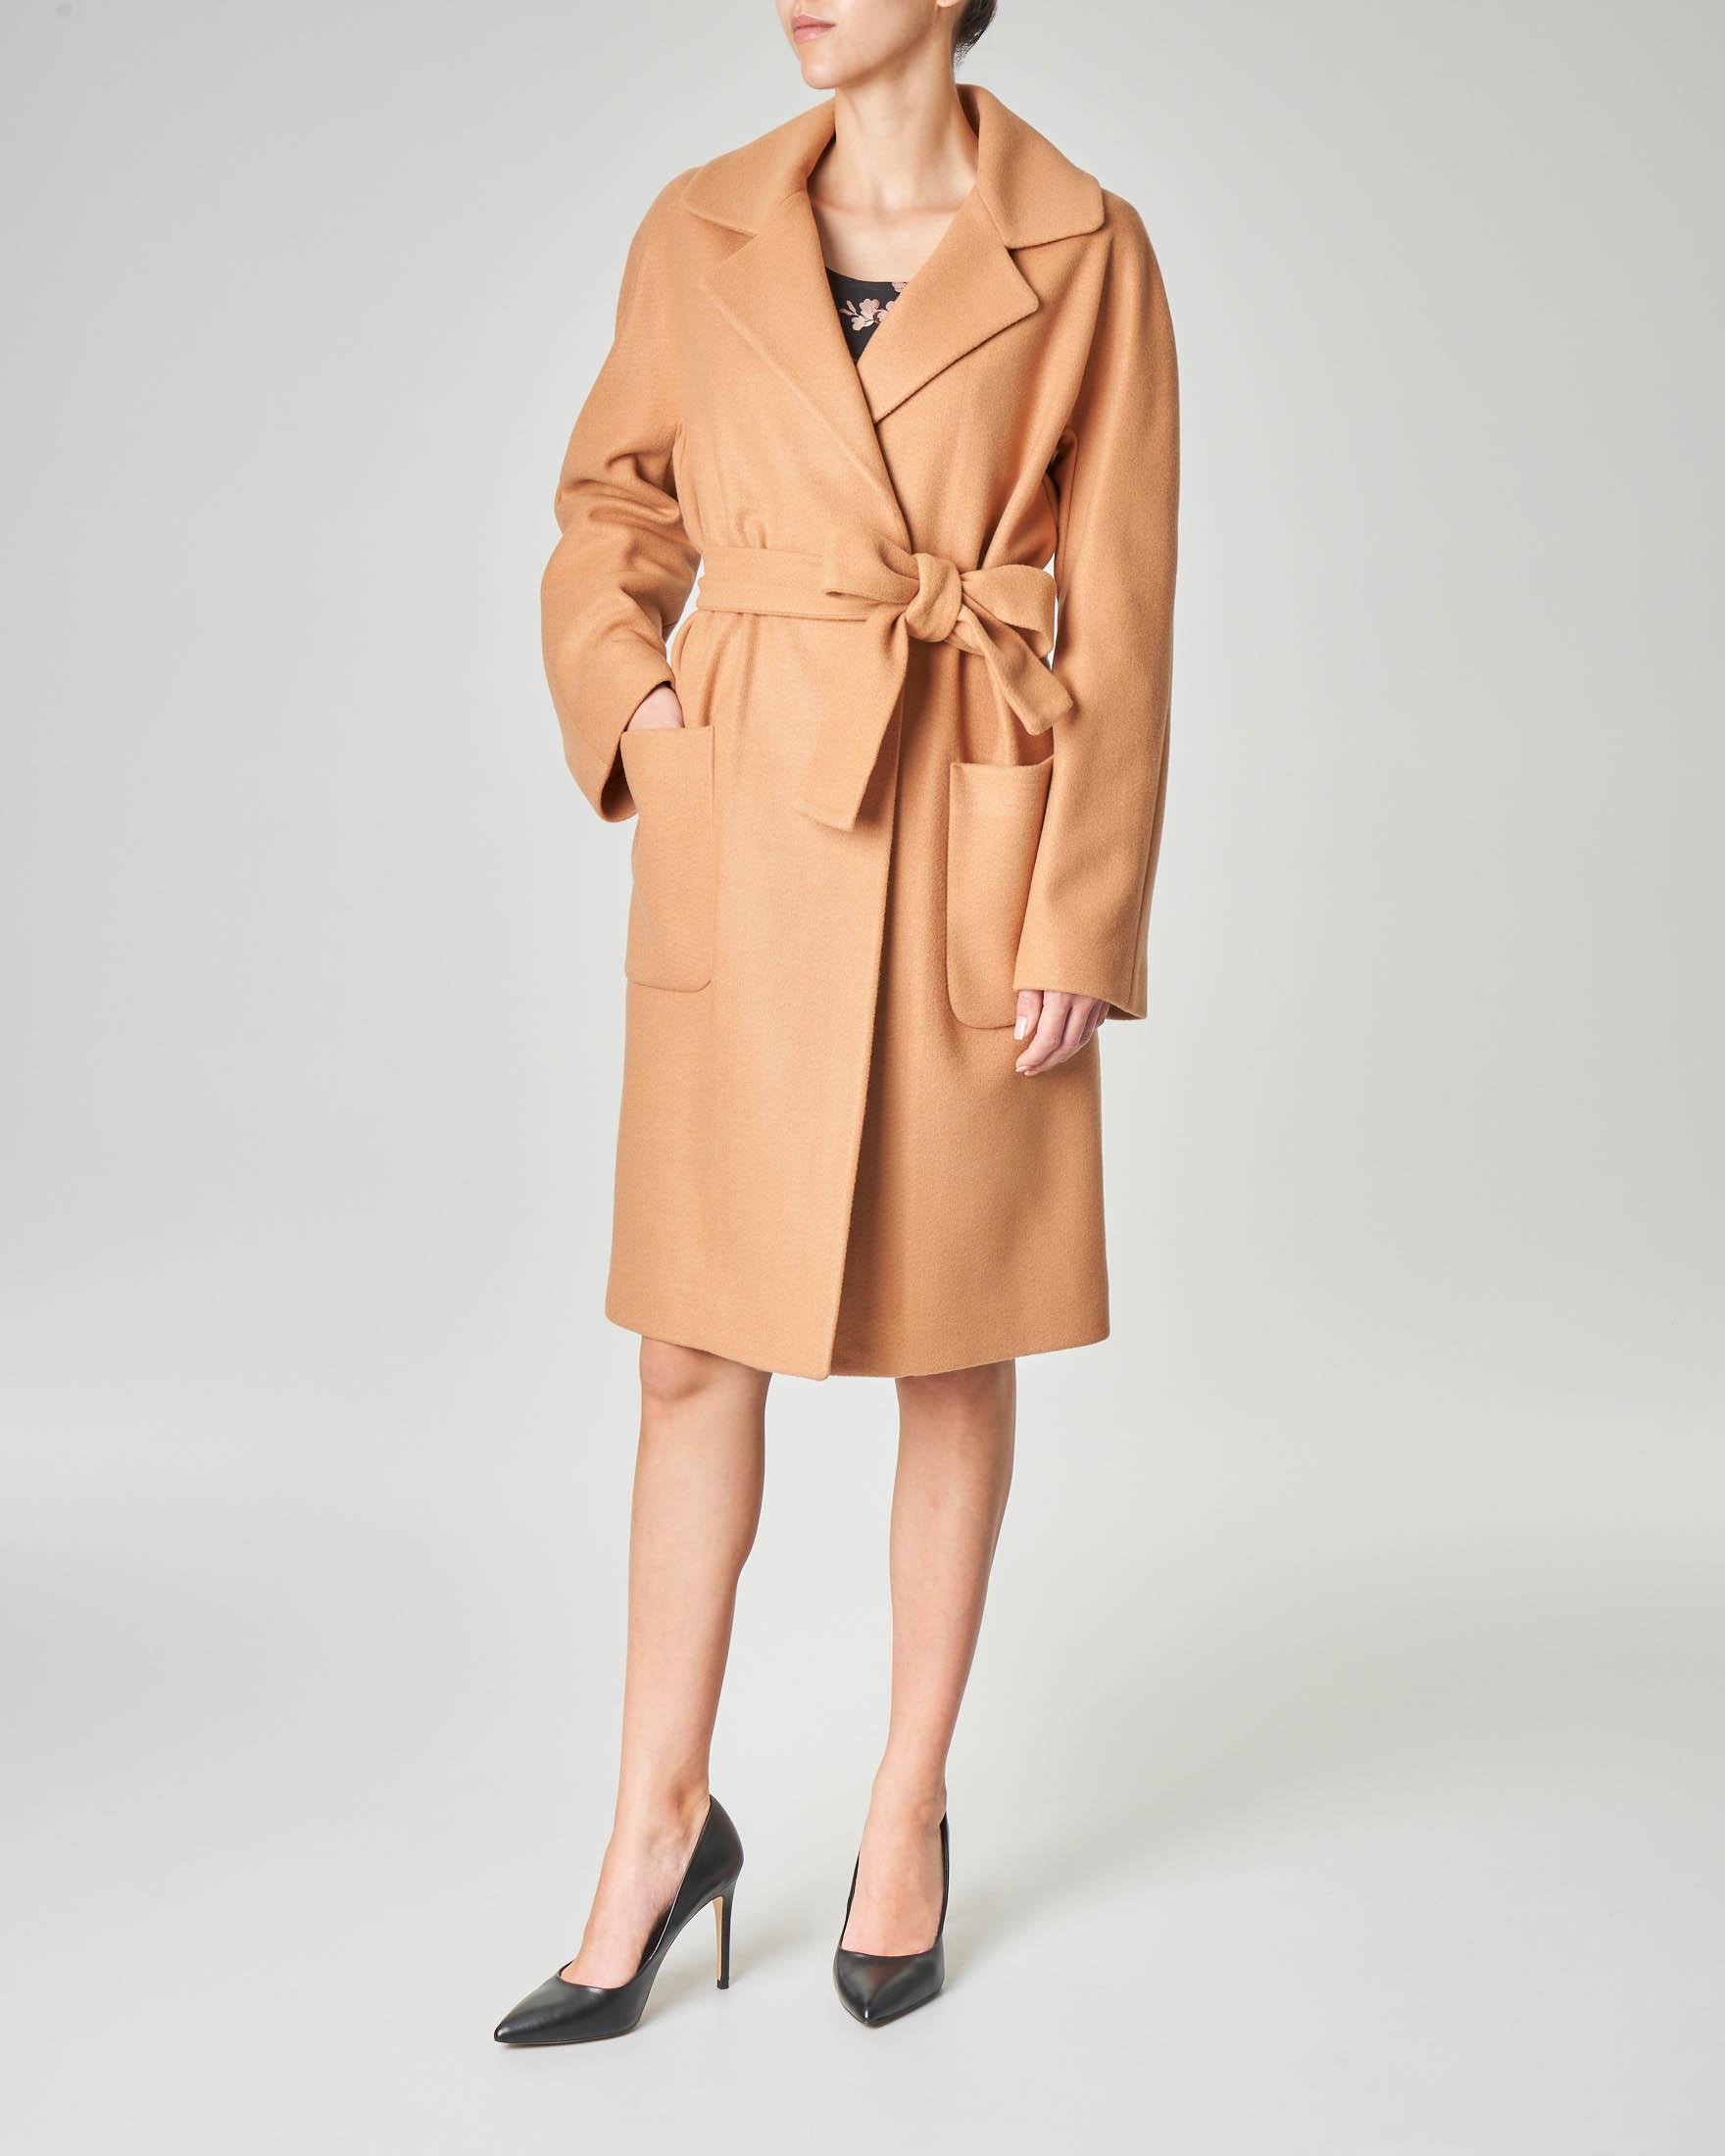 Cappotto cammello in panno di misto lana con cintura in vita